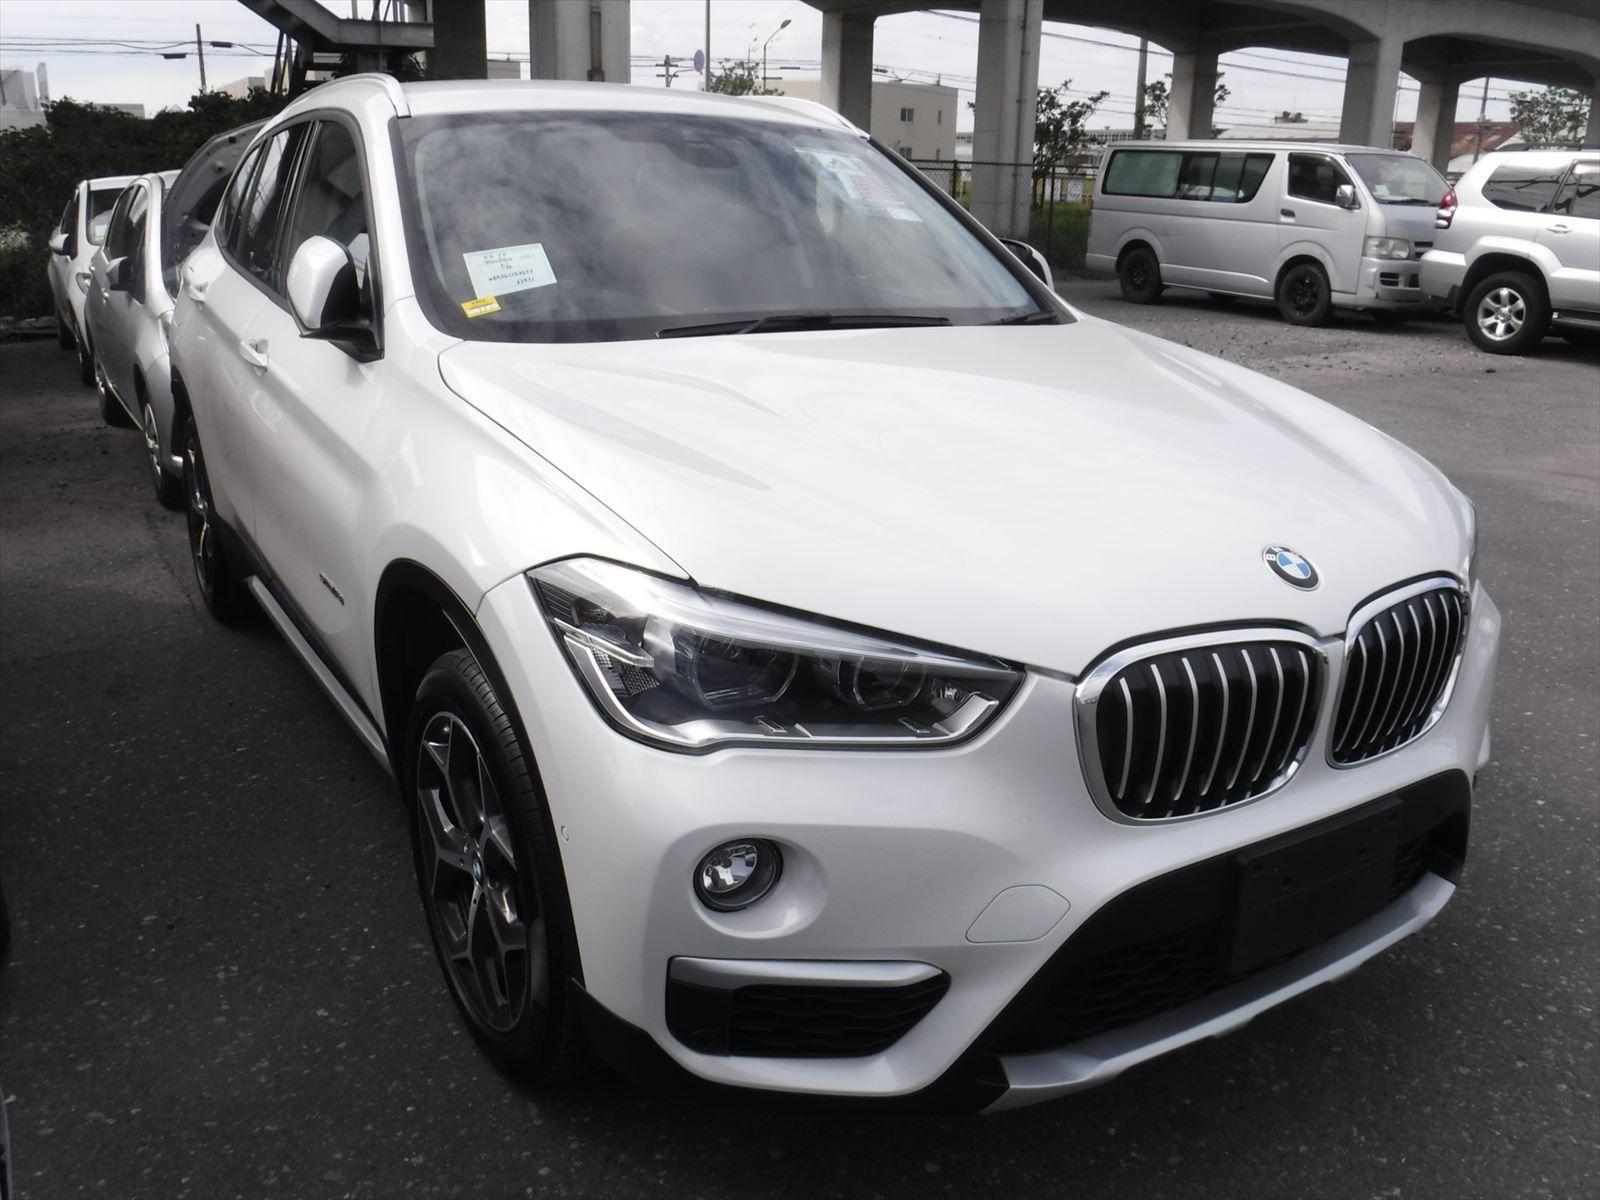 BMW X1 2018/01 WBAJG12030EE-62431